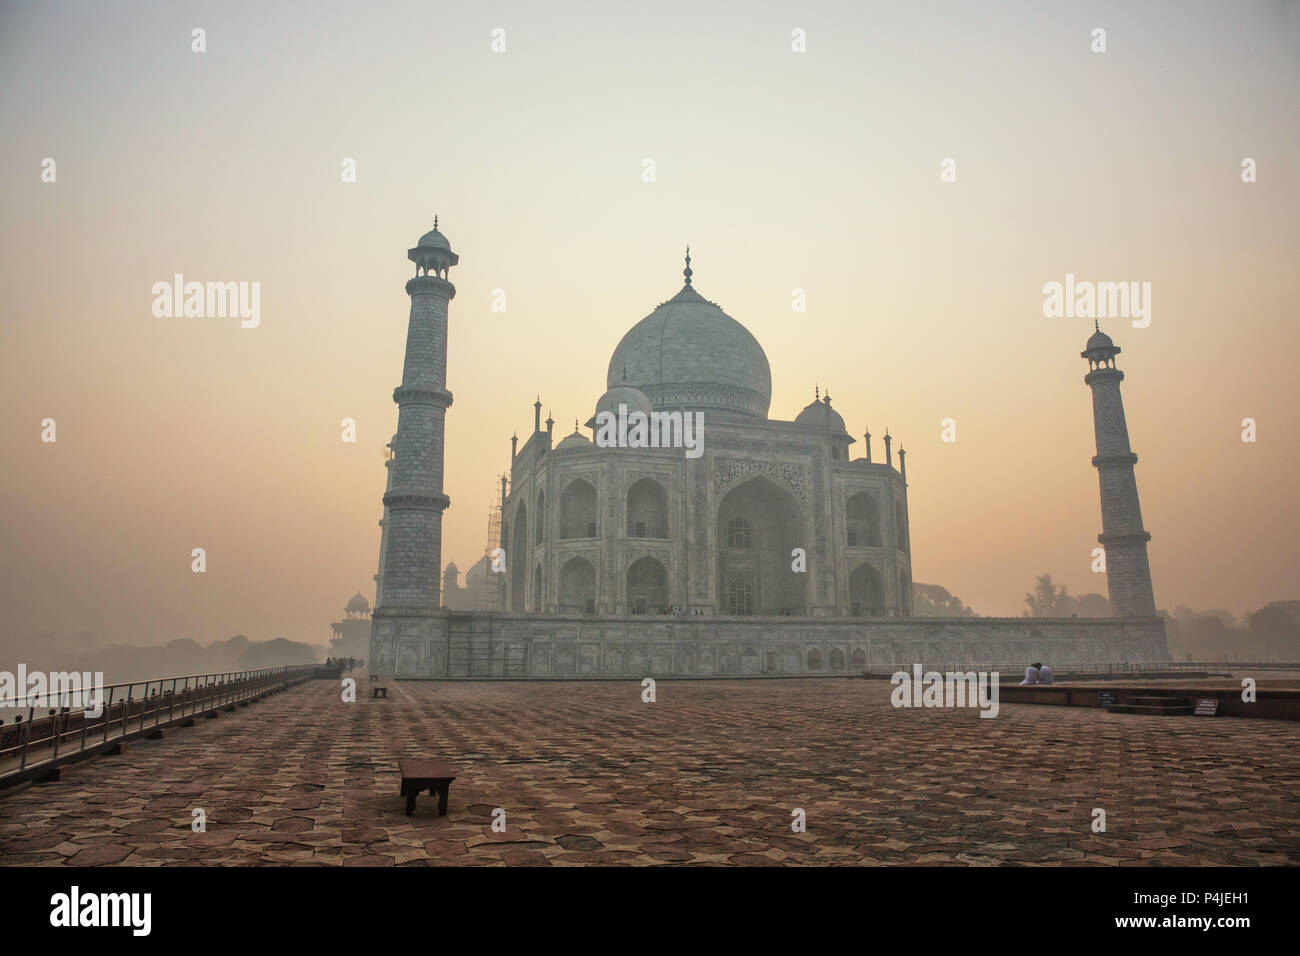 Agra, India. Marmo bianco Taj Mahal complesso con i minareti e le pareti attraverso il velo e lo smog da Agra Fort fortezza patrimonio UNESCO Immagini Stock